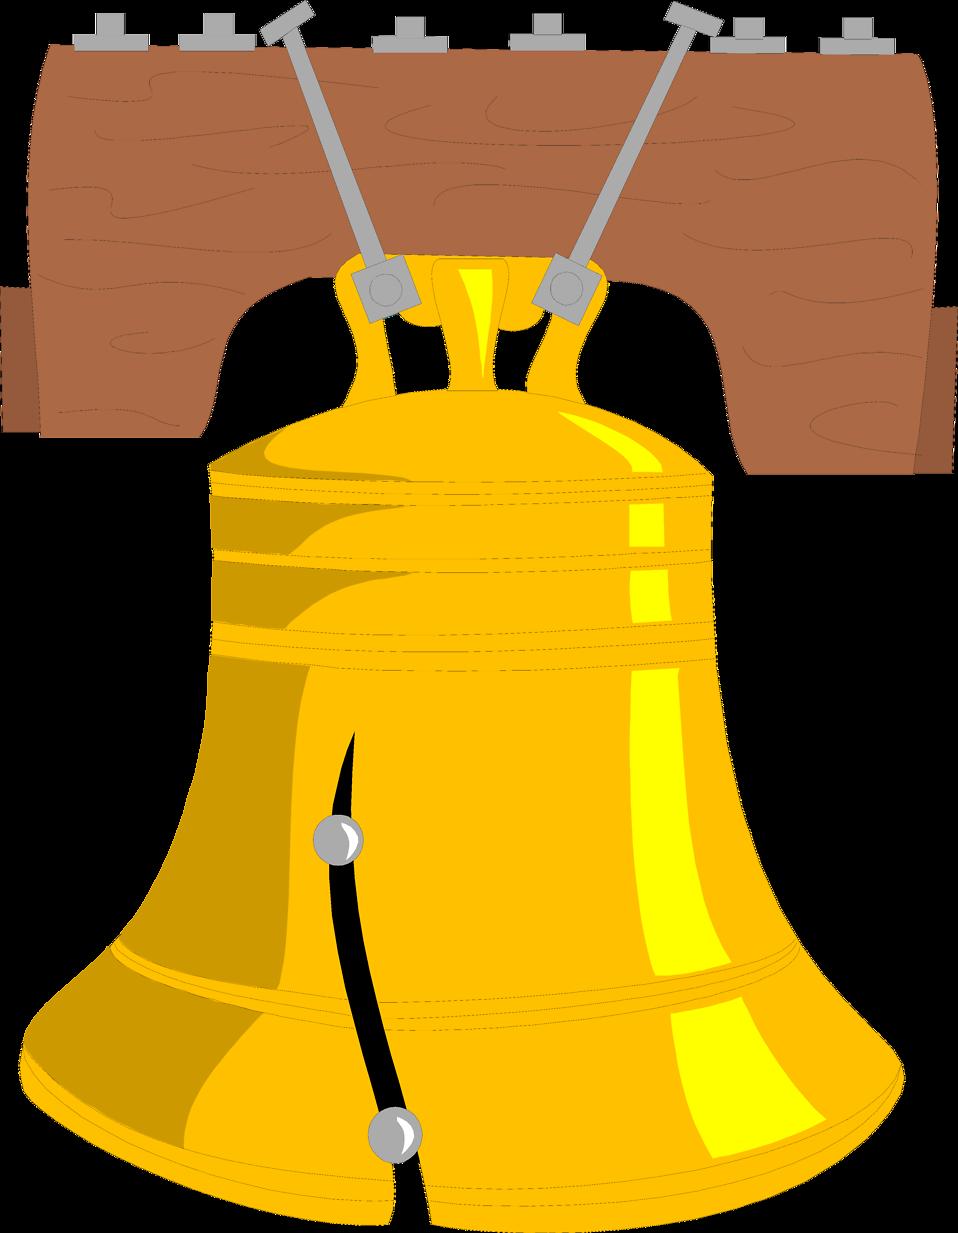 Liberty bell clip art co 2